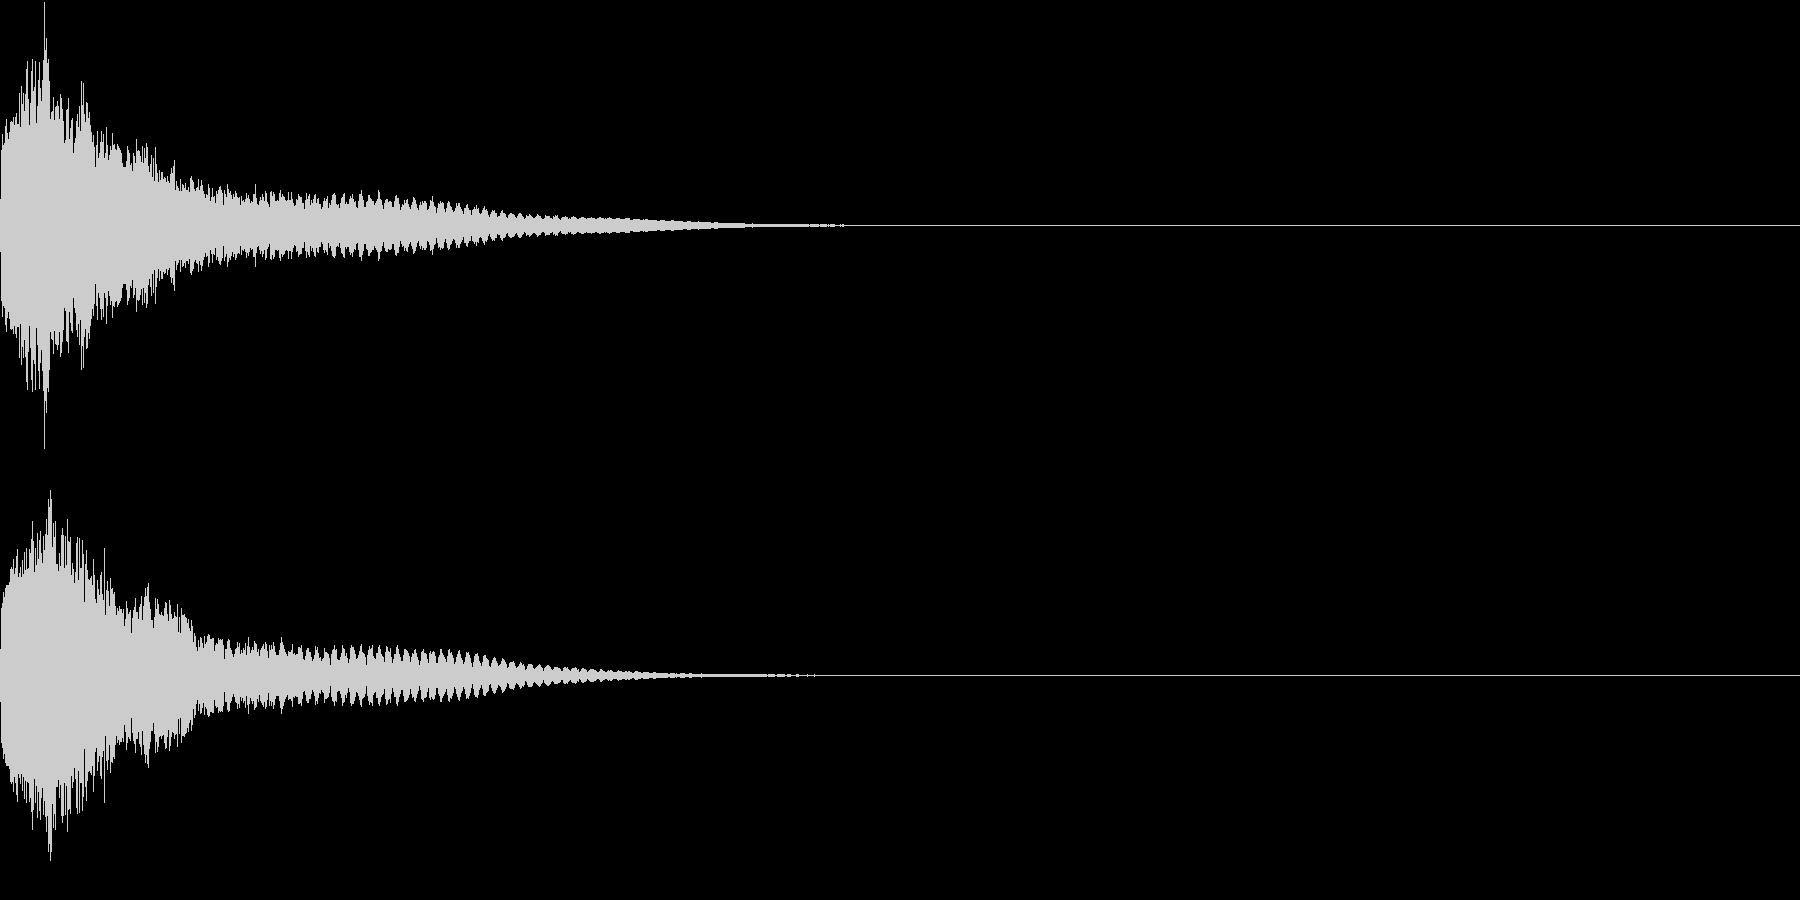 刀 一撃 キュイーン キーン 斬撃 05の未再生の波形